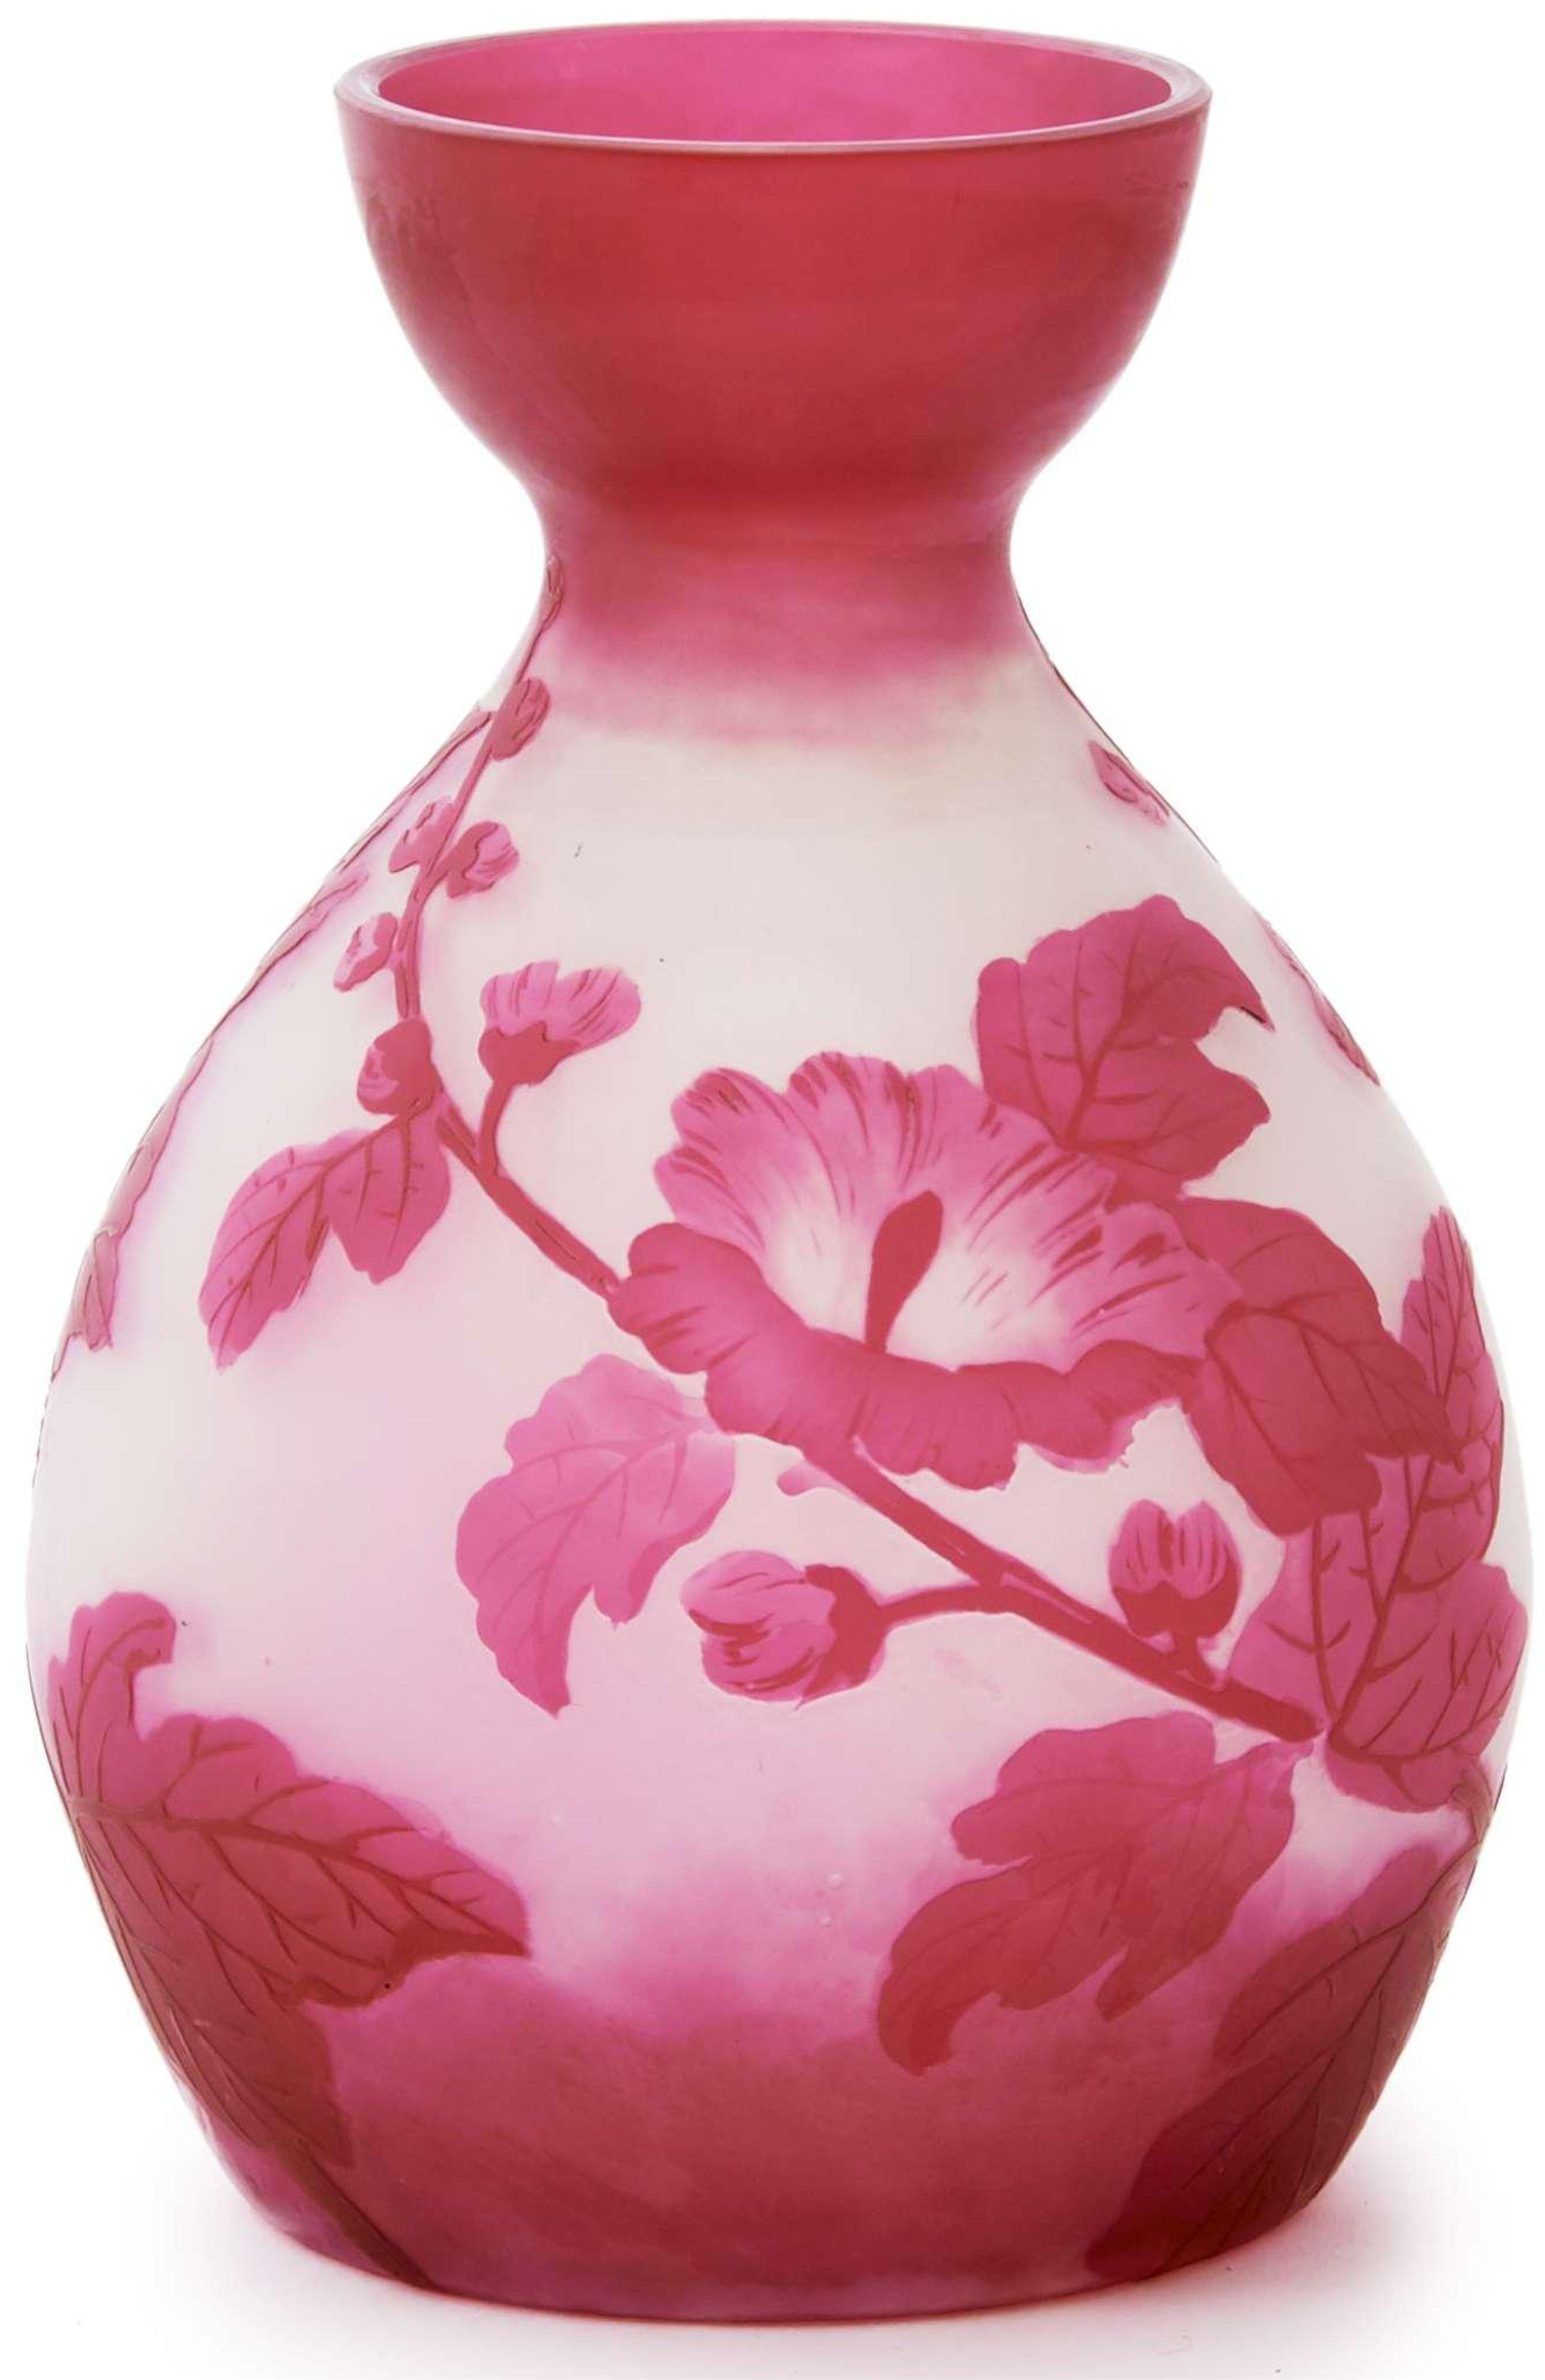 Description Val Saint Lambert Vase Circa 1900 Epreuve En Verre Multicouche A Decor De Branchages Roses Sur Fond Blanc Signe Des Initi Verre Vases Branchage